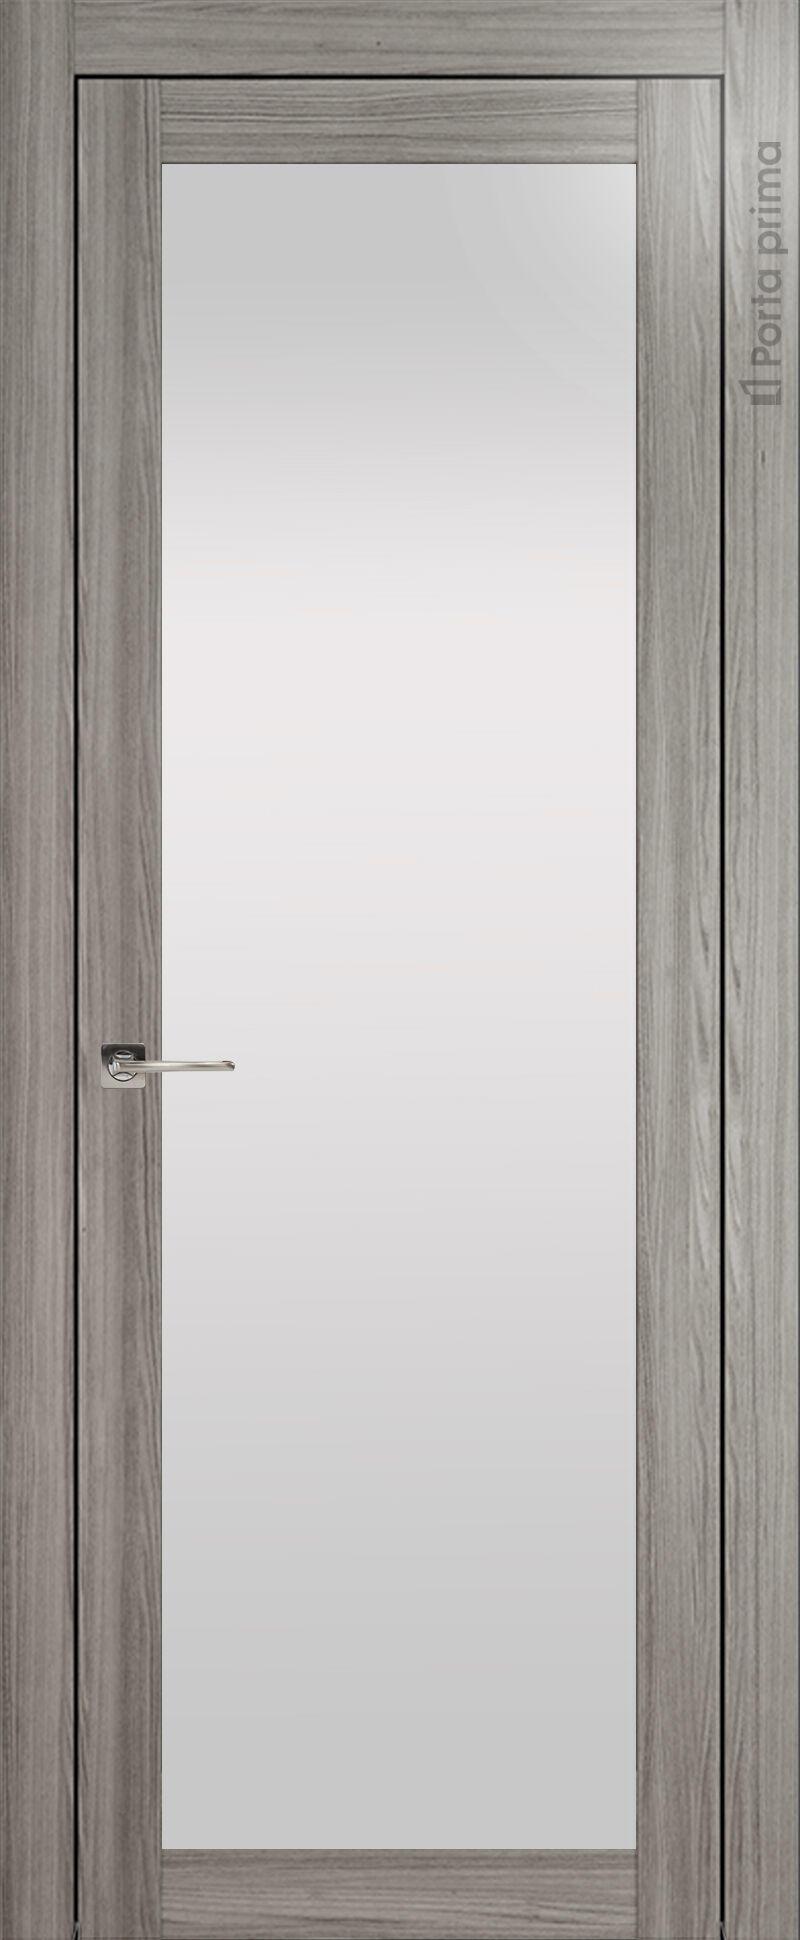 Tivoli З-1 цвет - Орех пепельный Со стеклом (ДО)